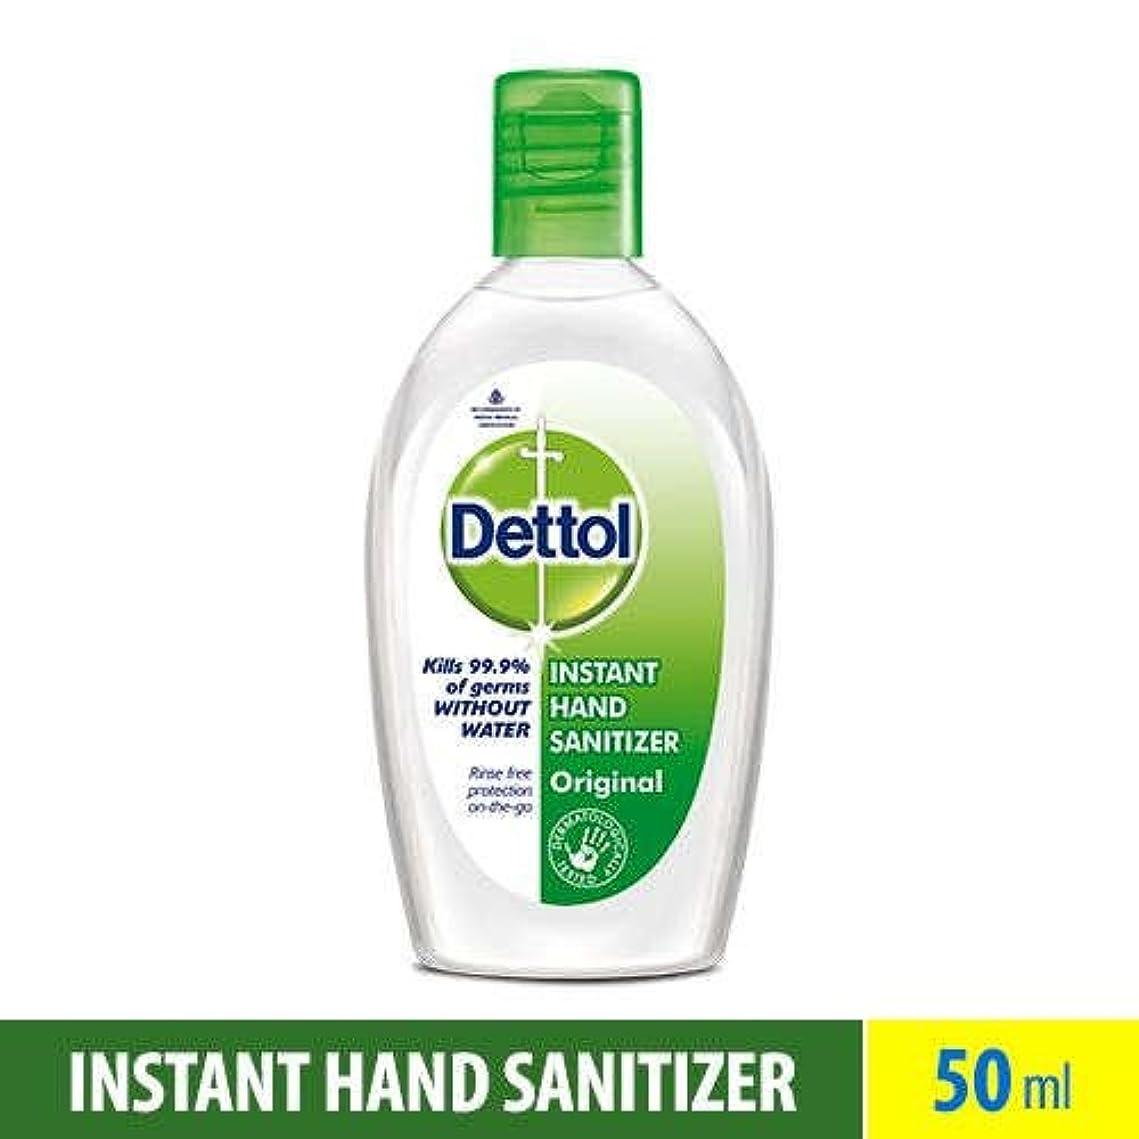 発動機調整可能ジョガーDettol Refresh Instant Hand Sanitizer 50ml